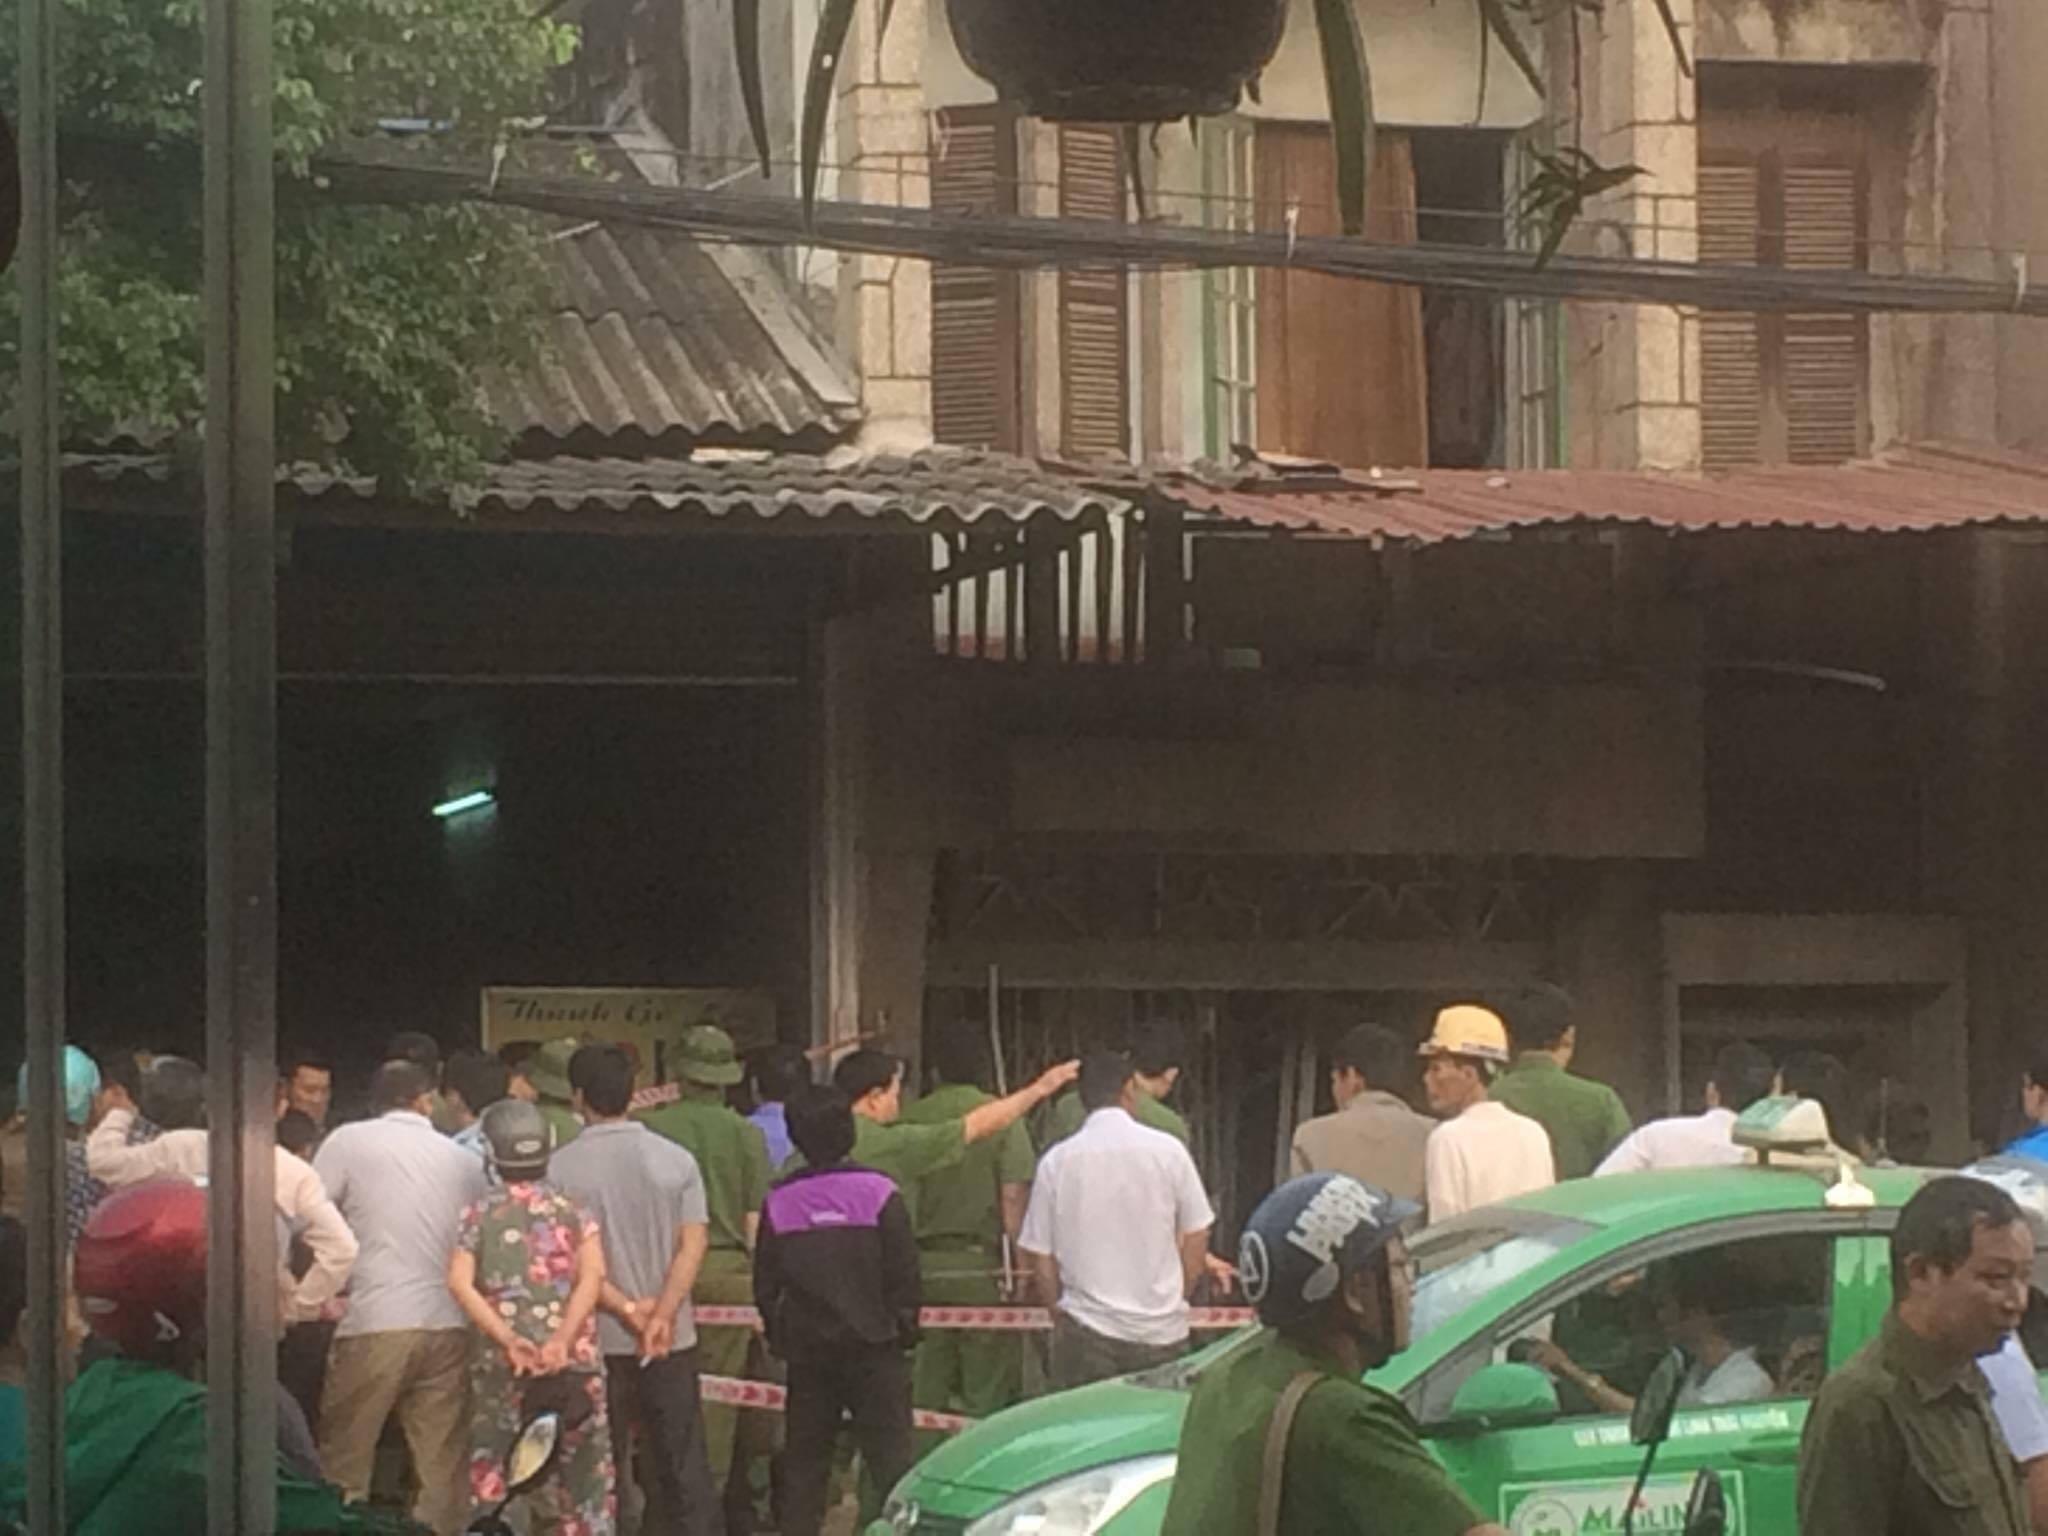 An ninh - Hình sự - Thái Nguyên: Điều tra vụ nổ nghi do mìn tại nhà dân khiến 1 người tử vong